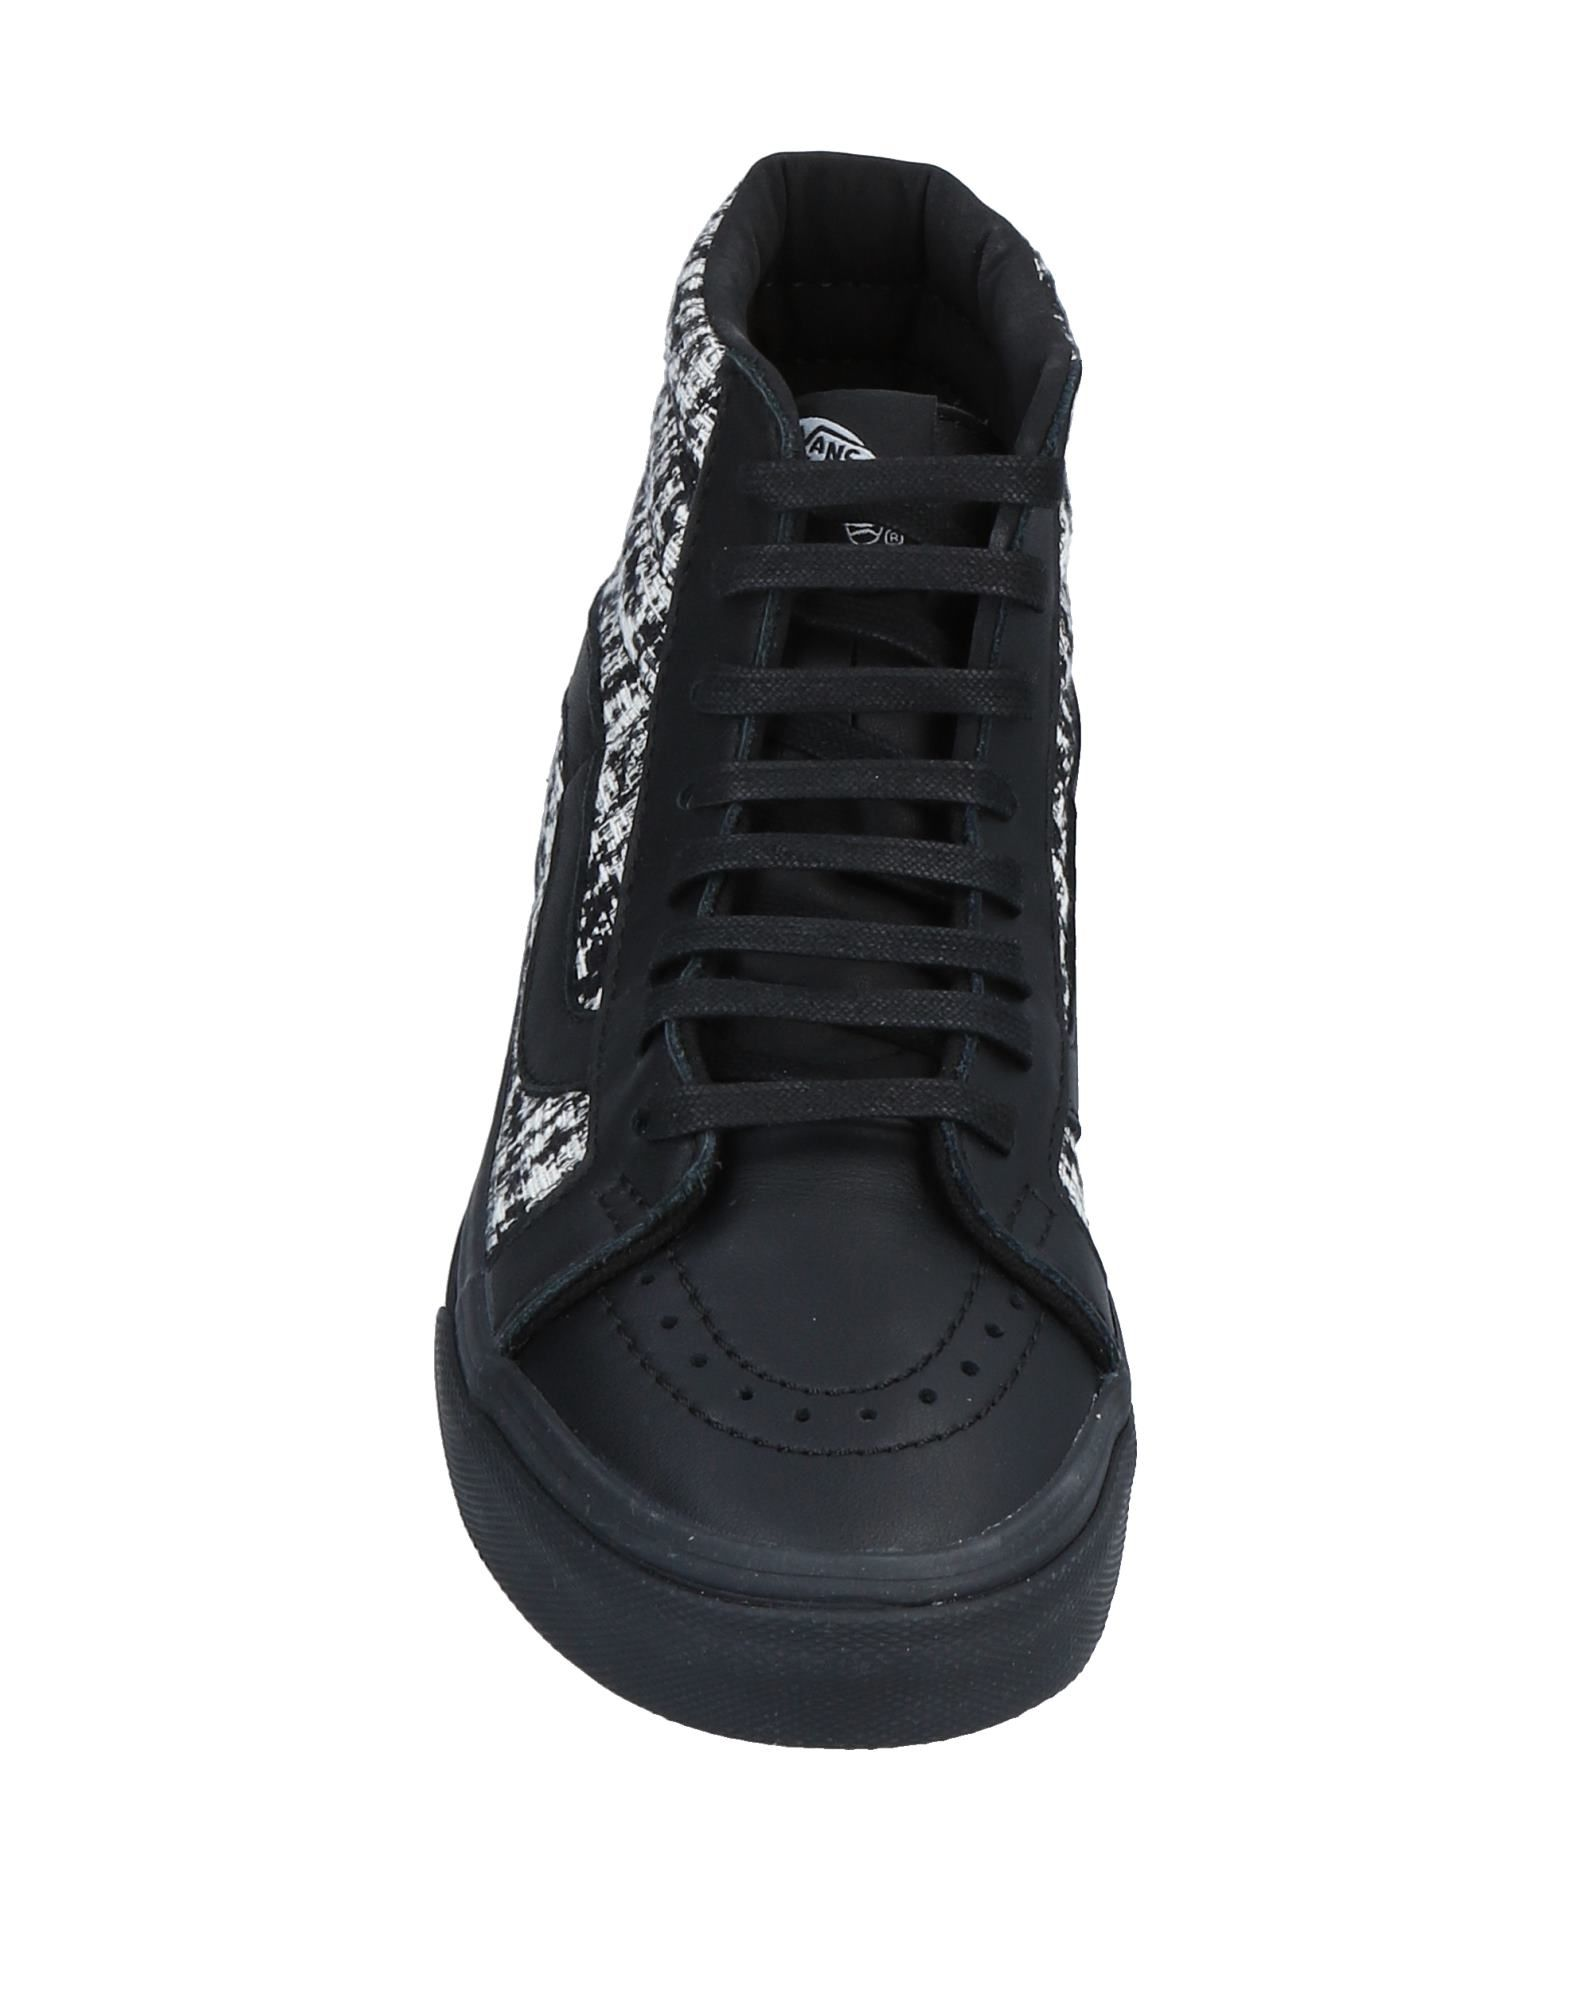 Vans X Karl Lagerfeld  Sneakers Damen  11551872VN  Lagerfeld 9aeb65